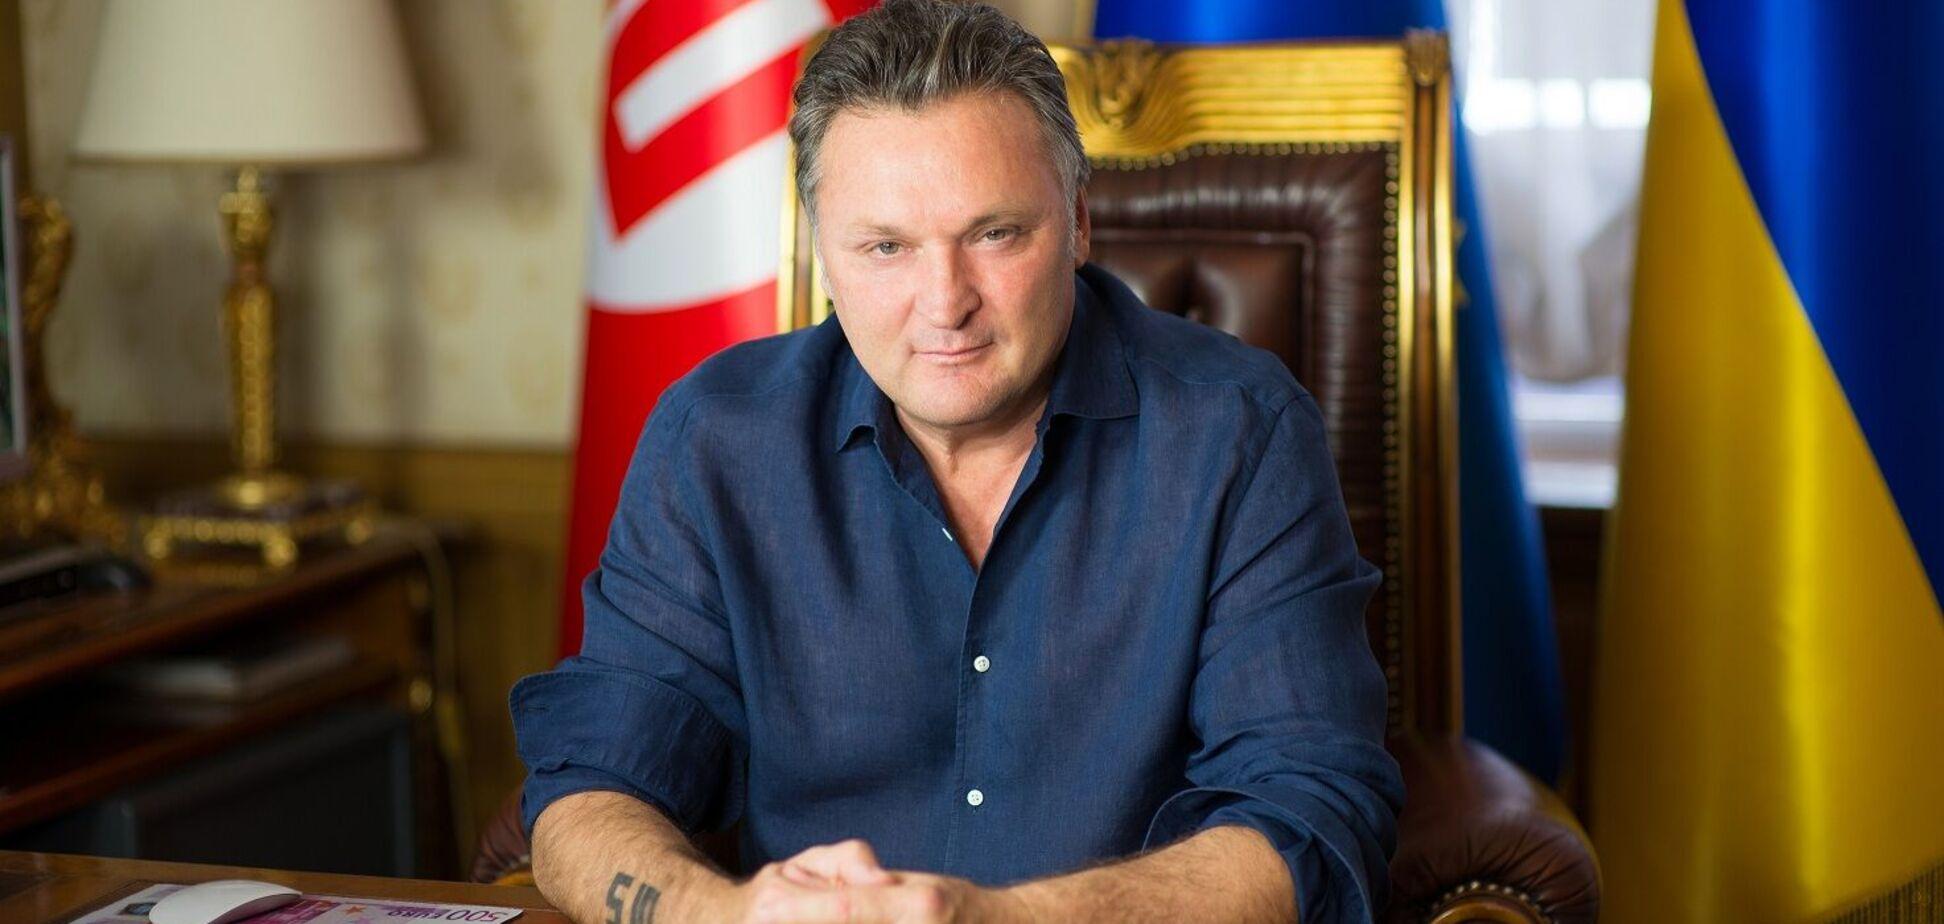 Геннадий Балашов не смог вылететь в Стамбул из-за запрета покидать территорию Украины